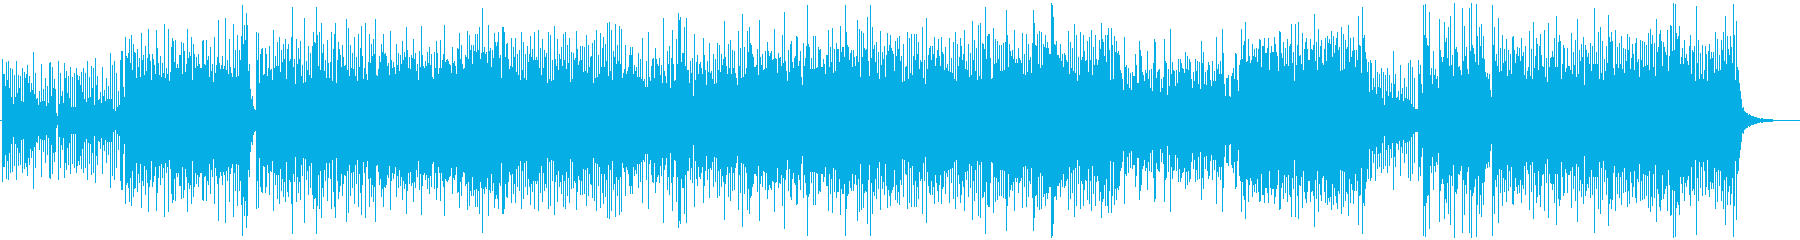 和風、三味線メタル2、激しい(声入り)Aの再生済みの波形